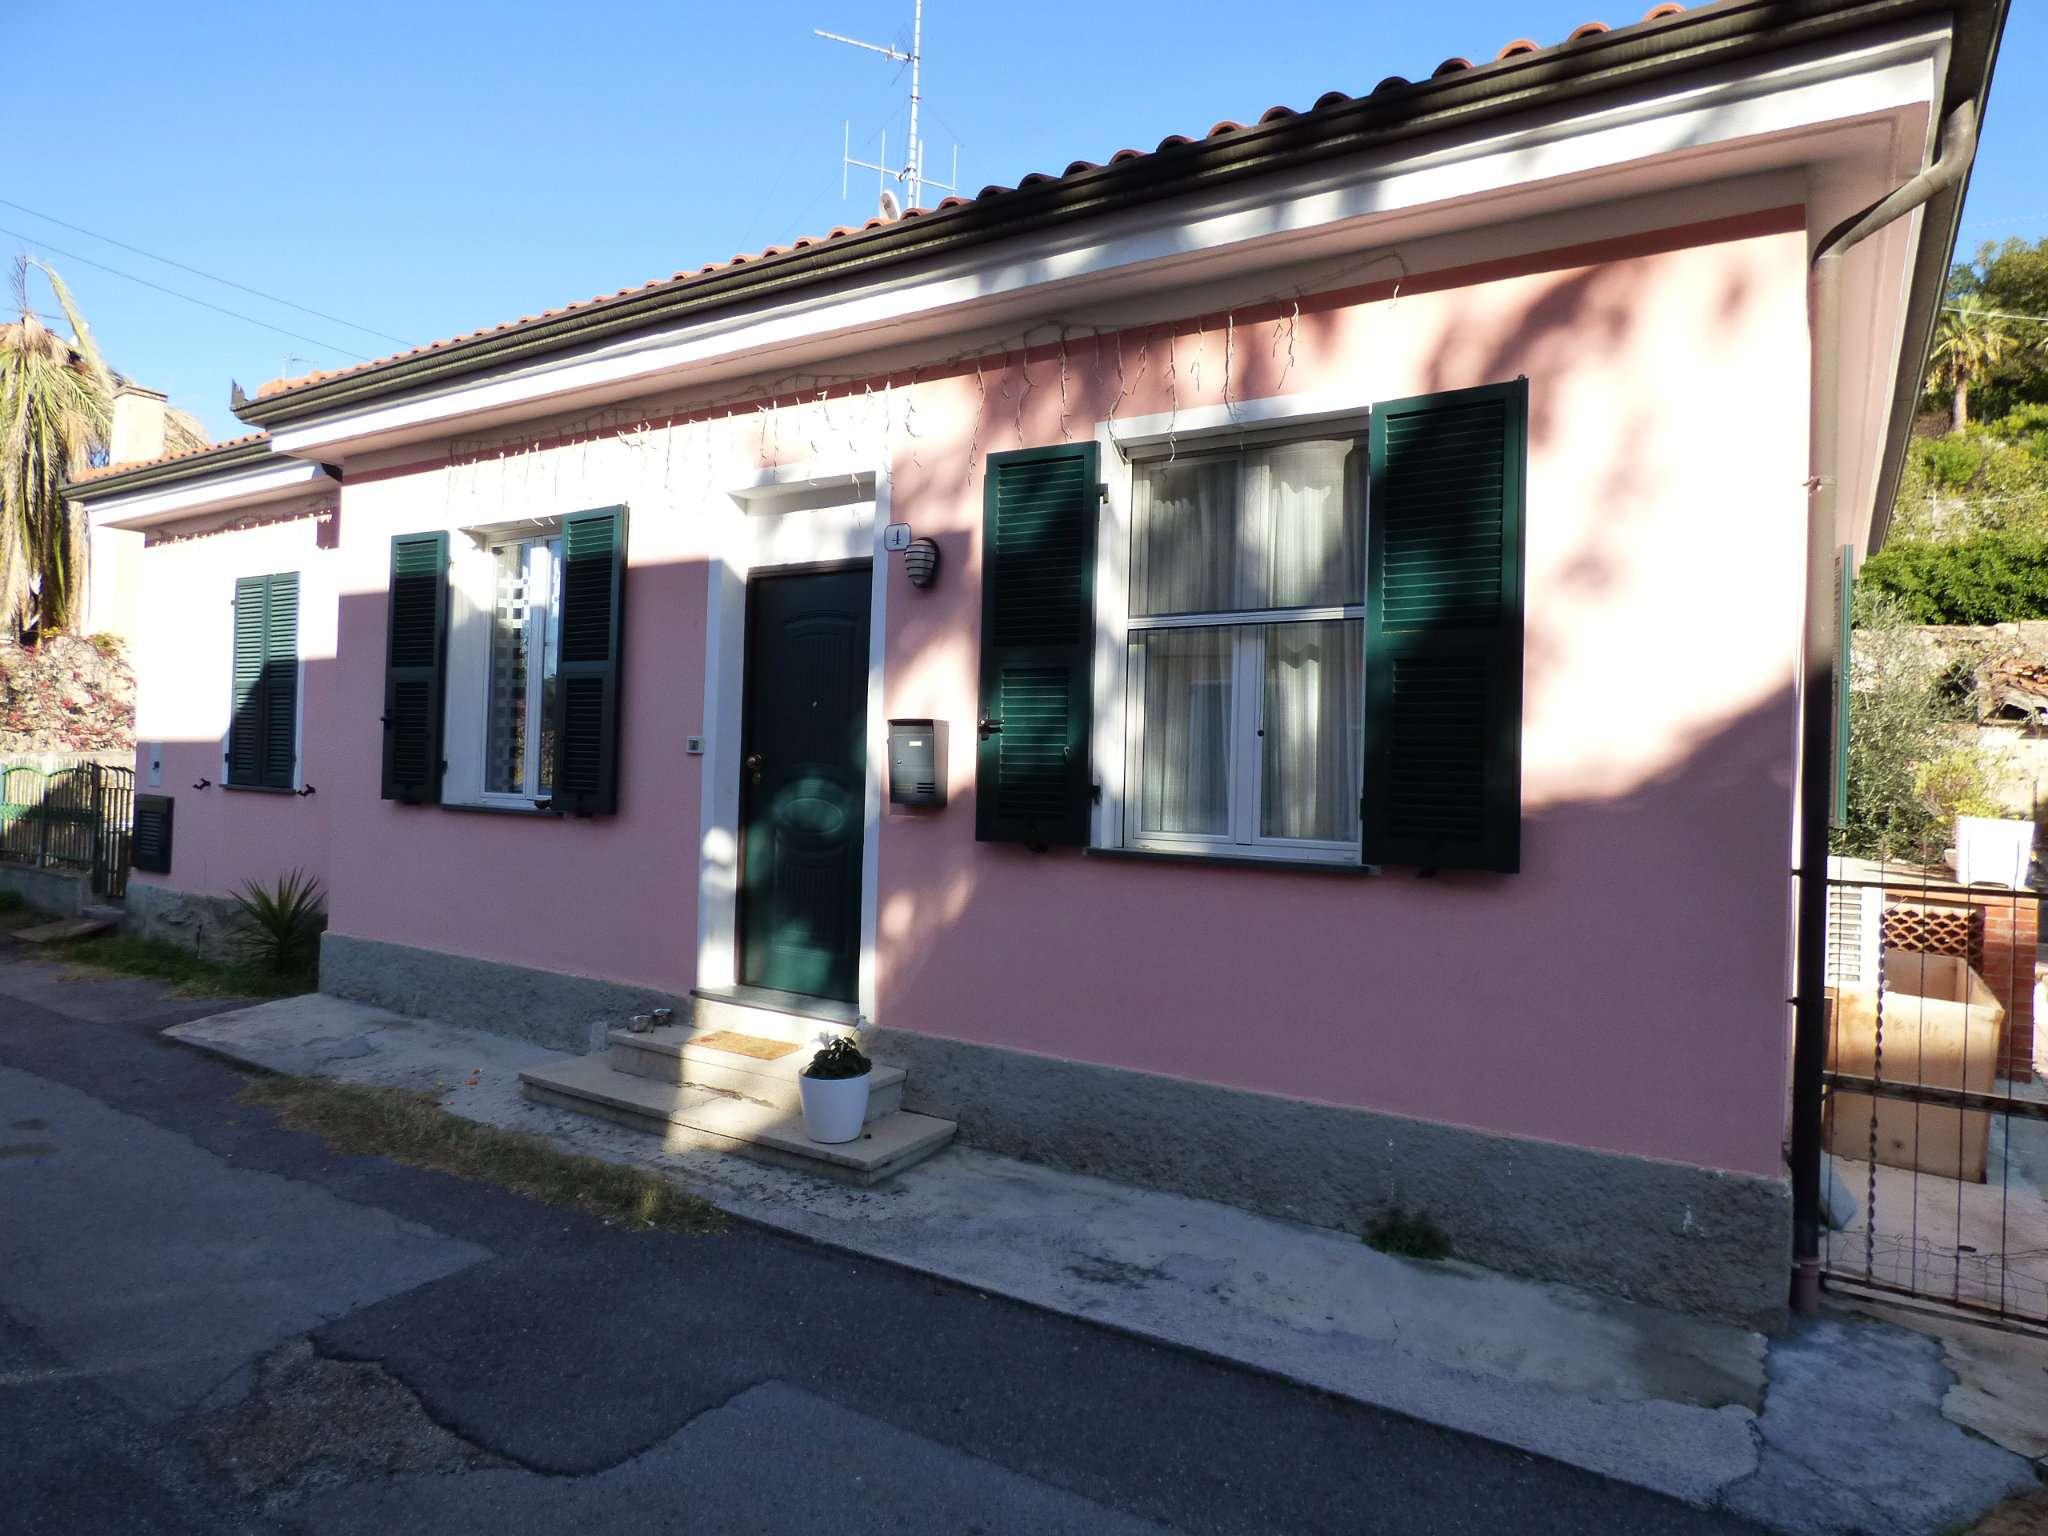 Attico / Mansarda in vendita a Cervo, 4 locali, prezzo € 249.000 | CambioCasa.it